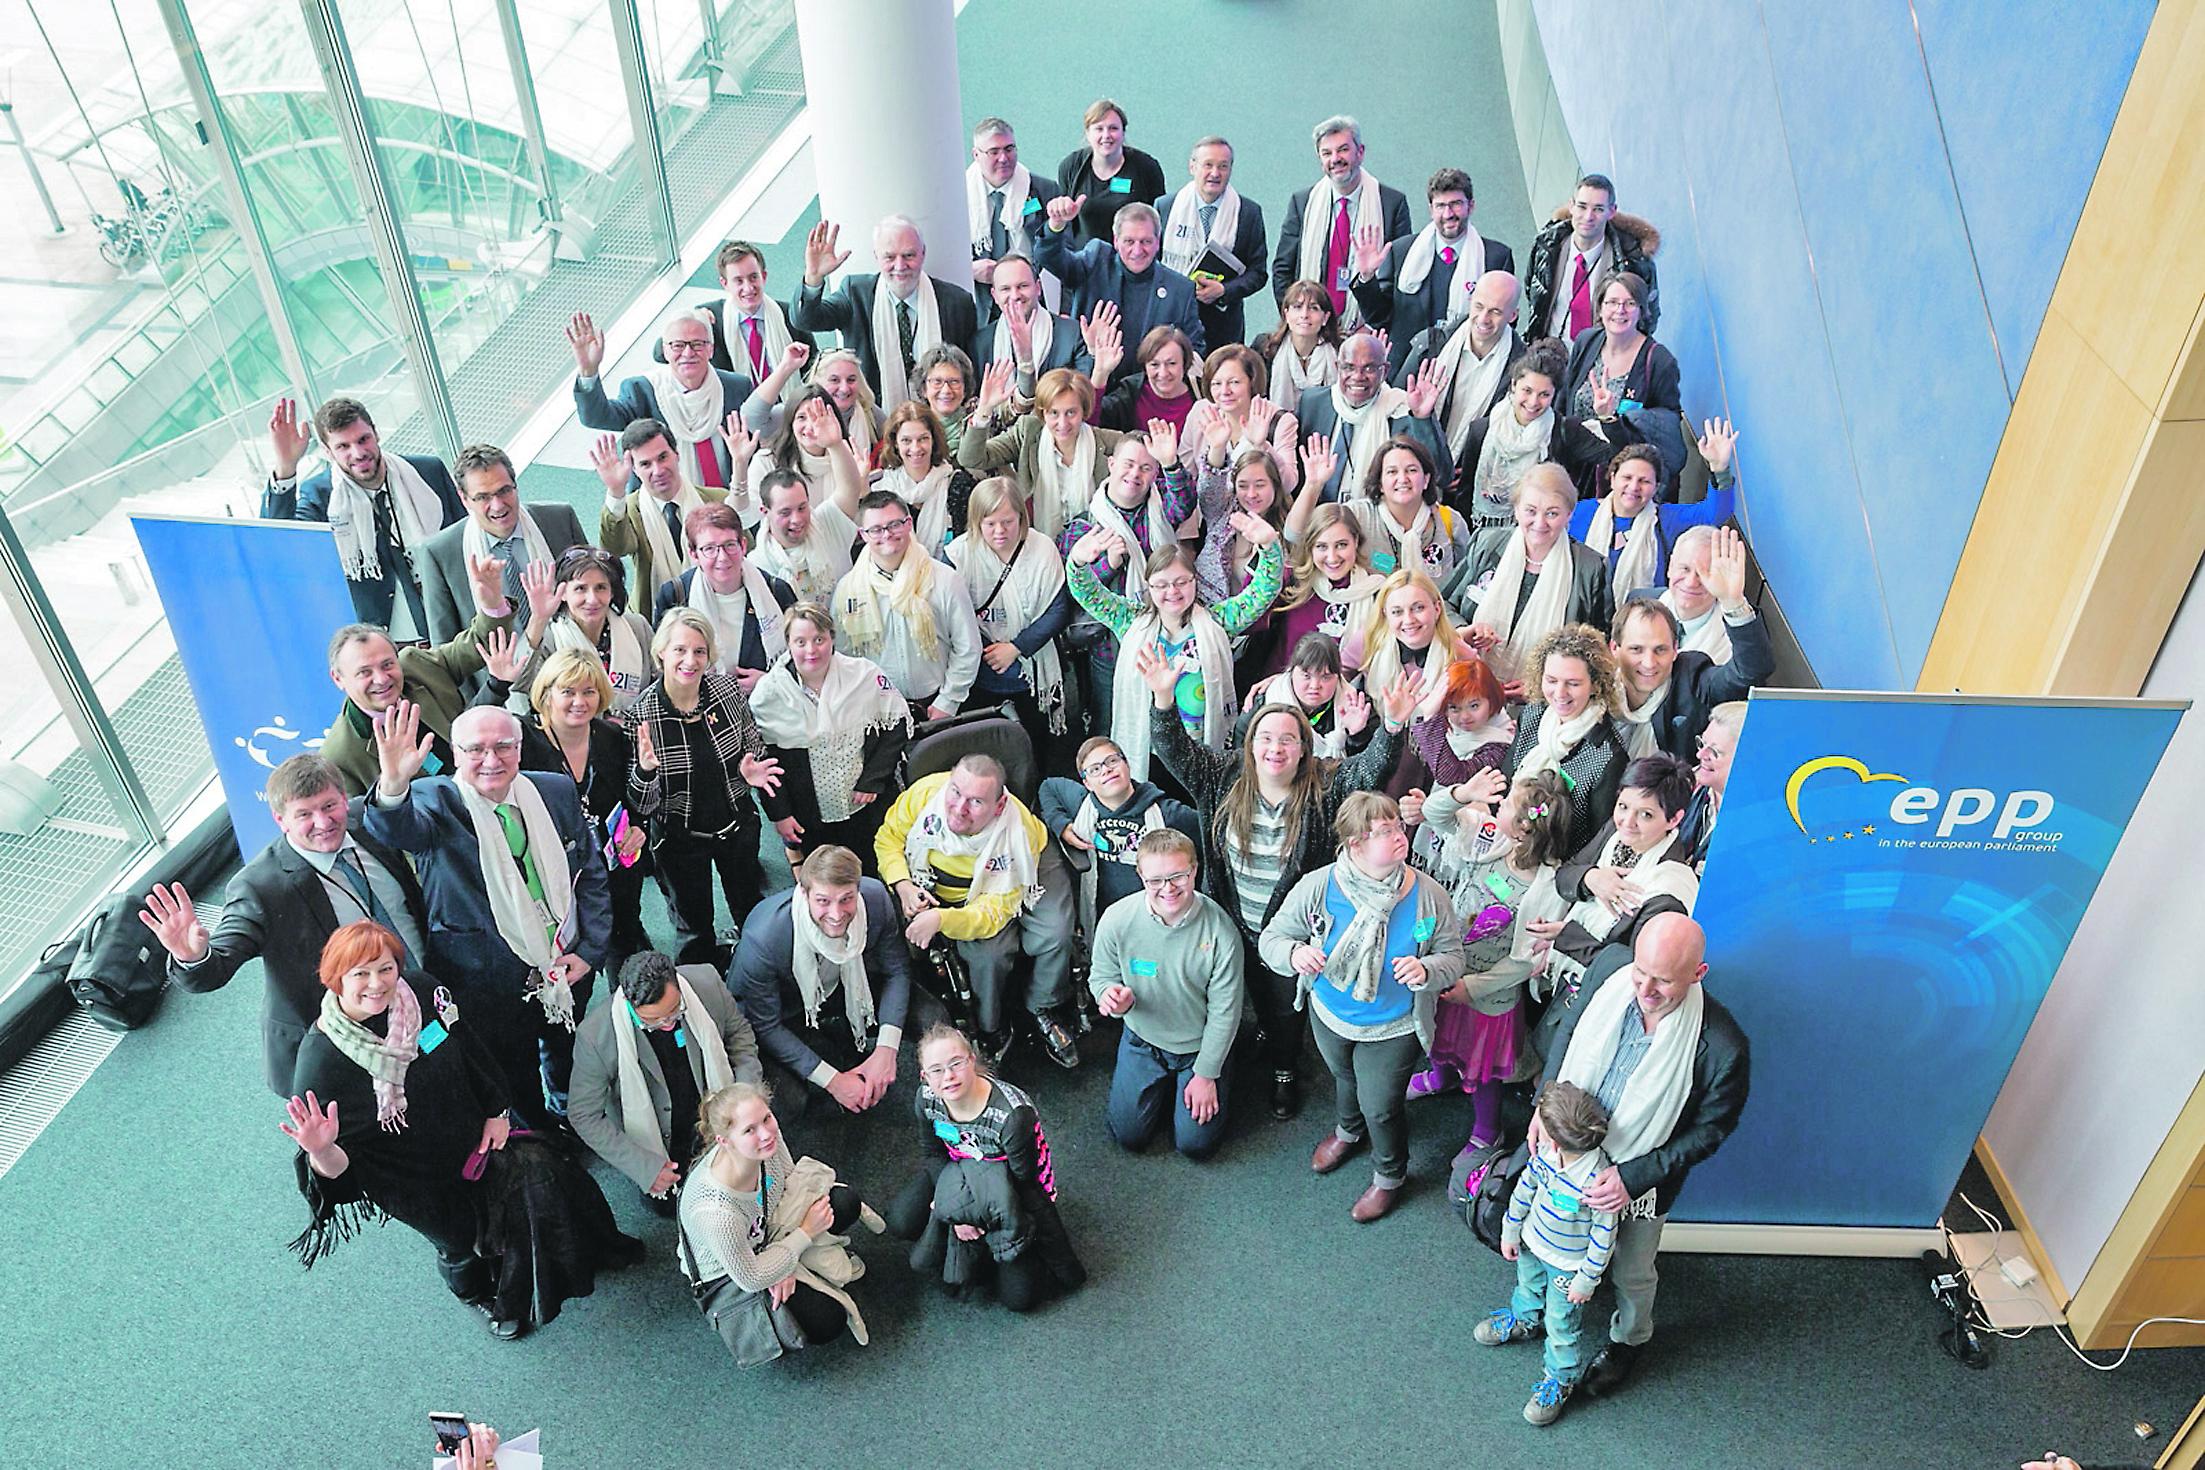 Riječanka s Down sindromom predstavljala je Hrvatsku na susretu u Europarlamentu